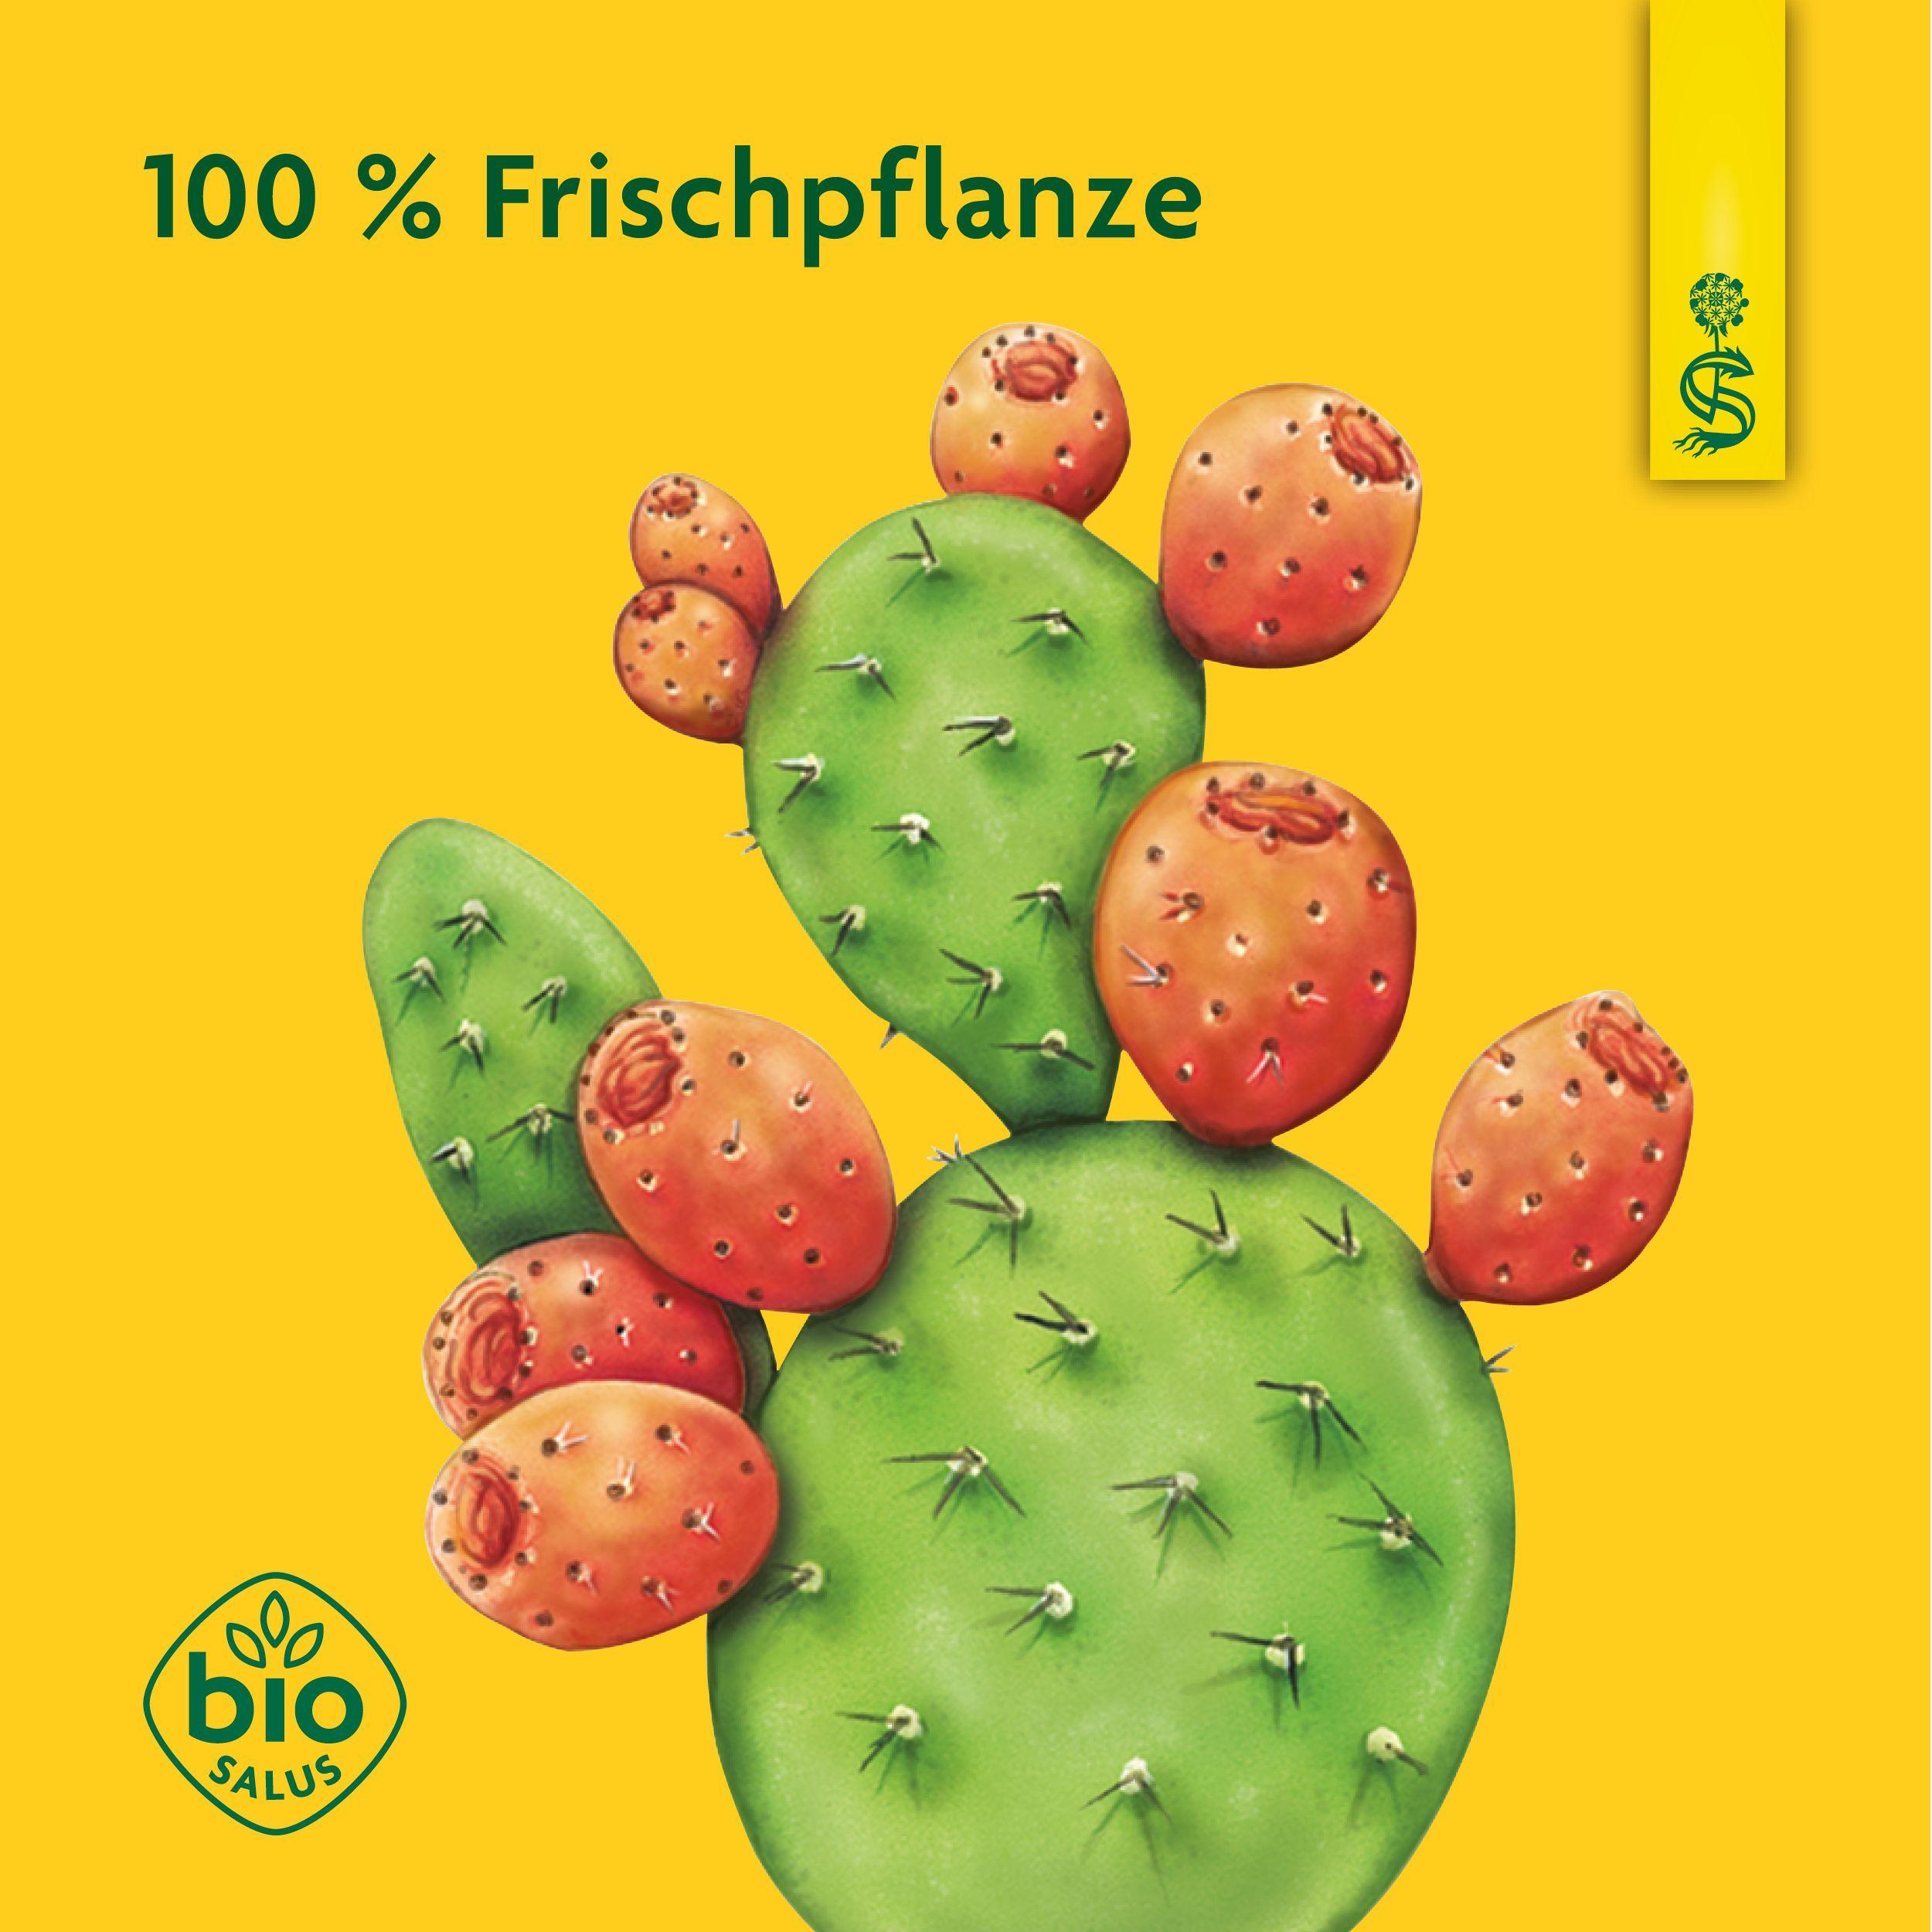 Grüner Feigenkaktus-Saft zur Gewichtsreduktion